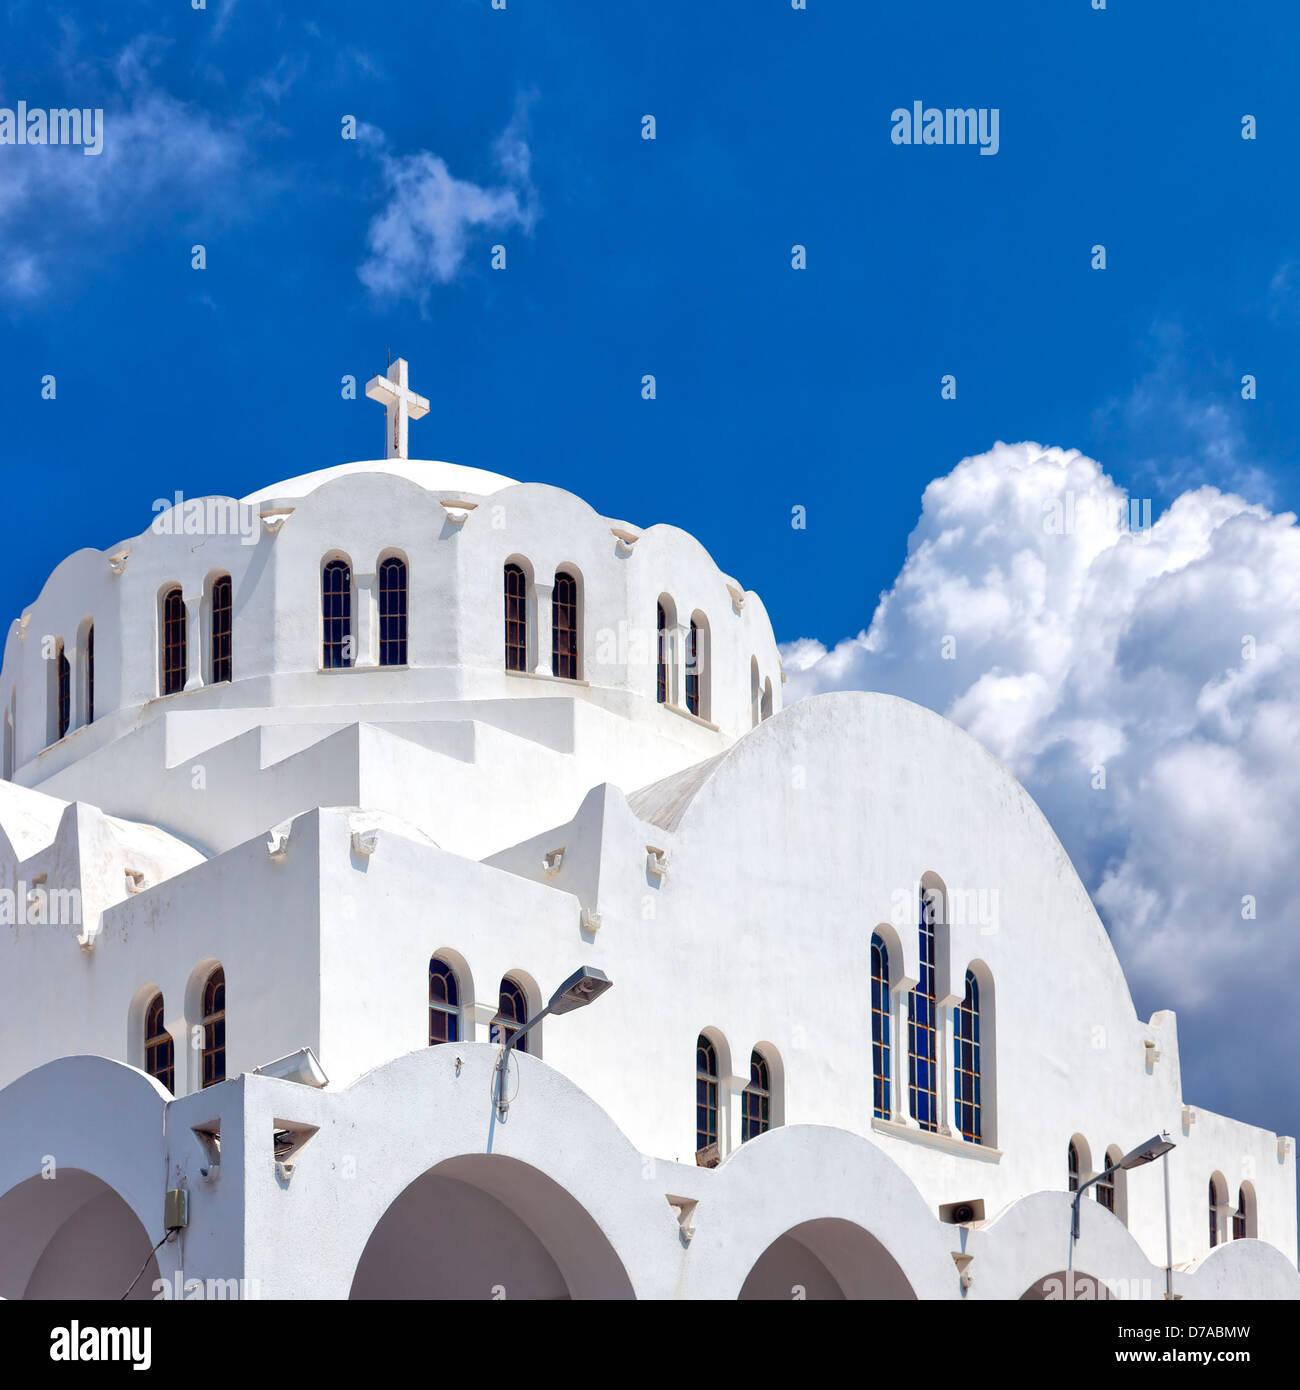 La cathédrale orthodoxe métropolitaine situé dans la capitale de Fira sur l'île grecque Photo Stock